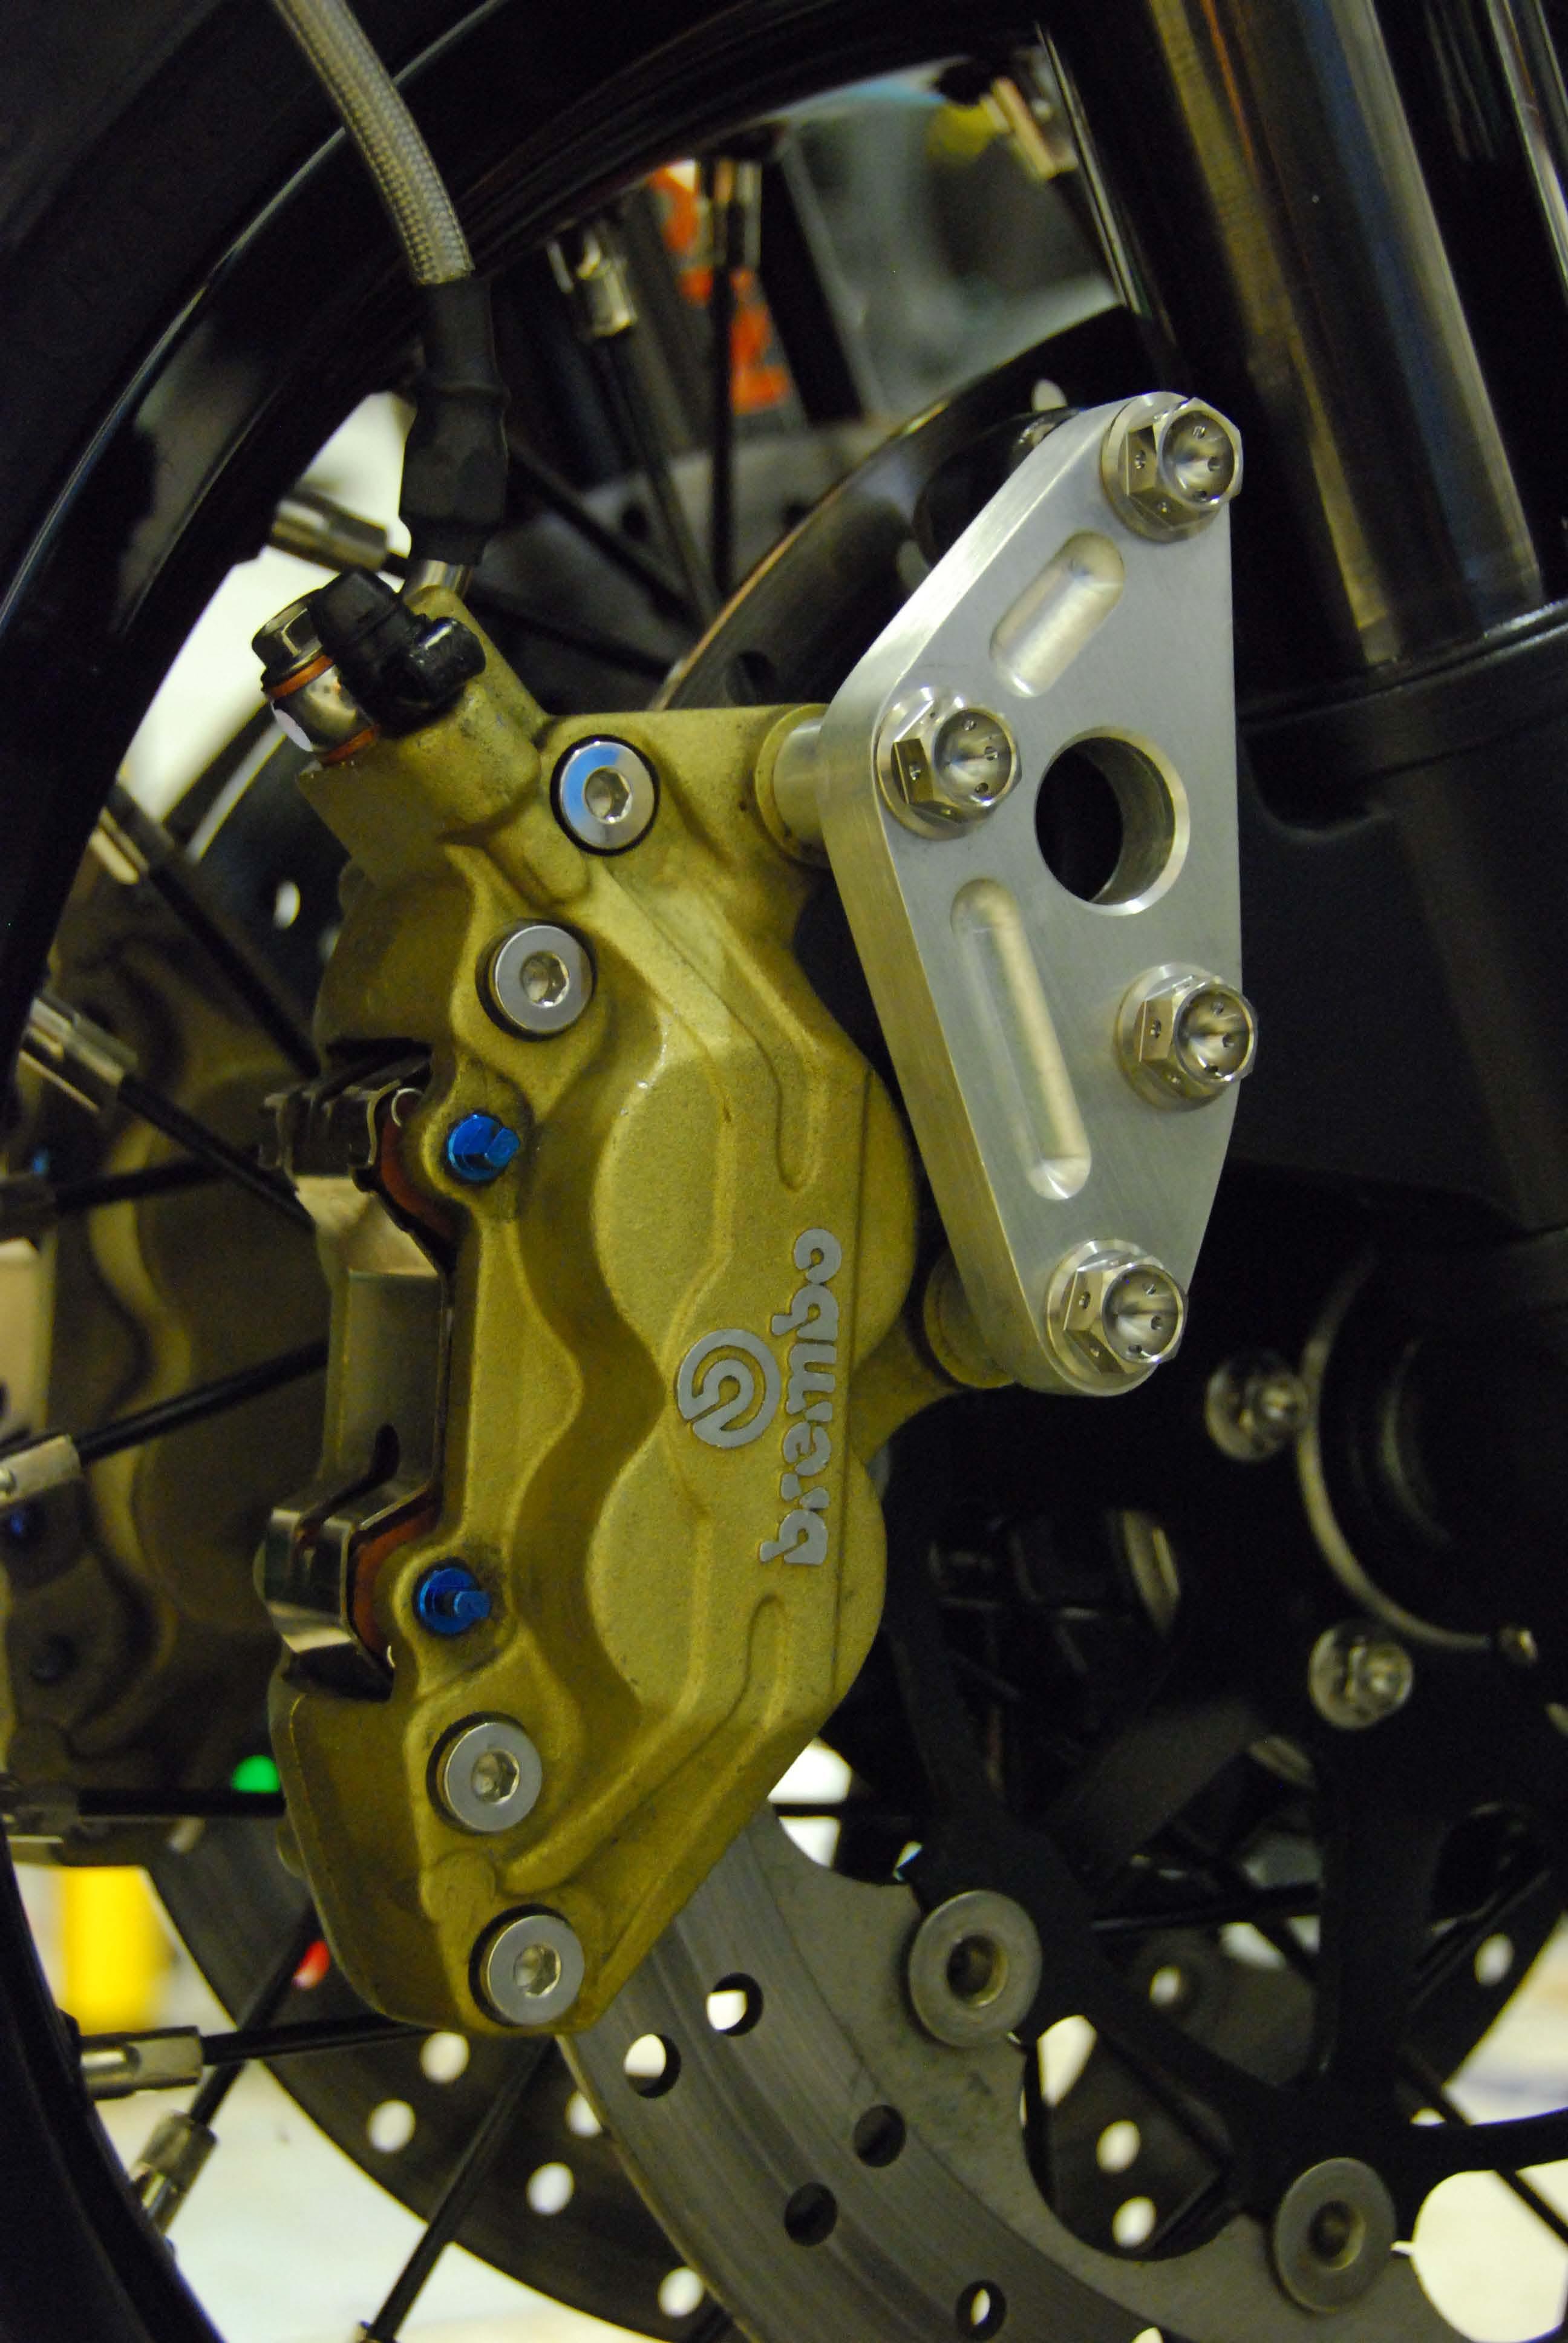 Brembo 4 Piston 2 Pad Caliper Conversion Upgrade Page